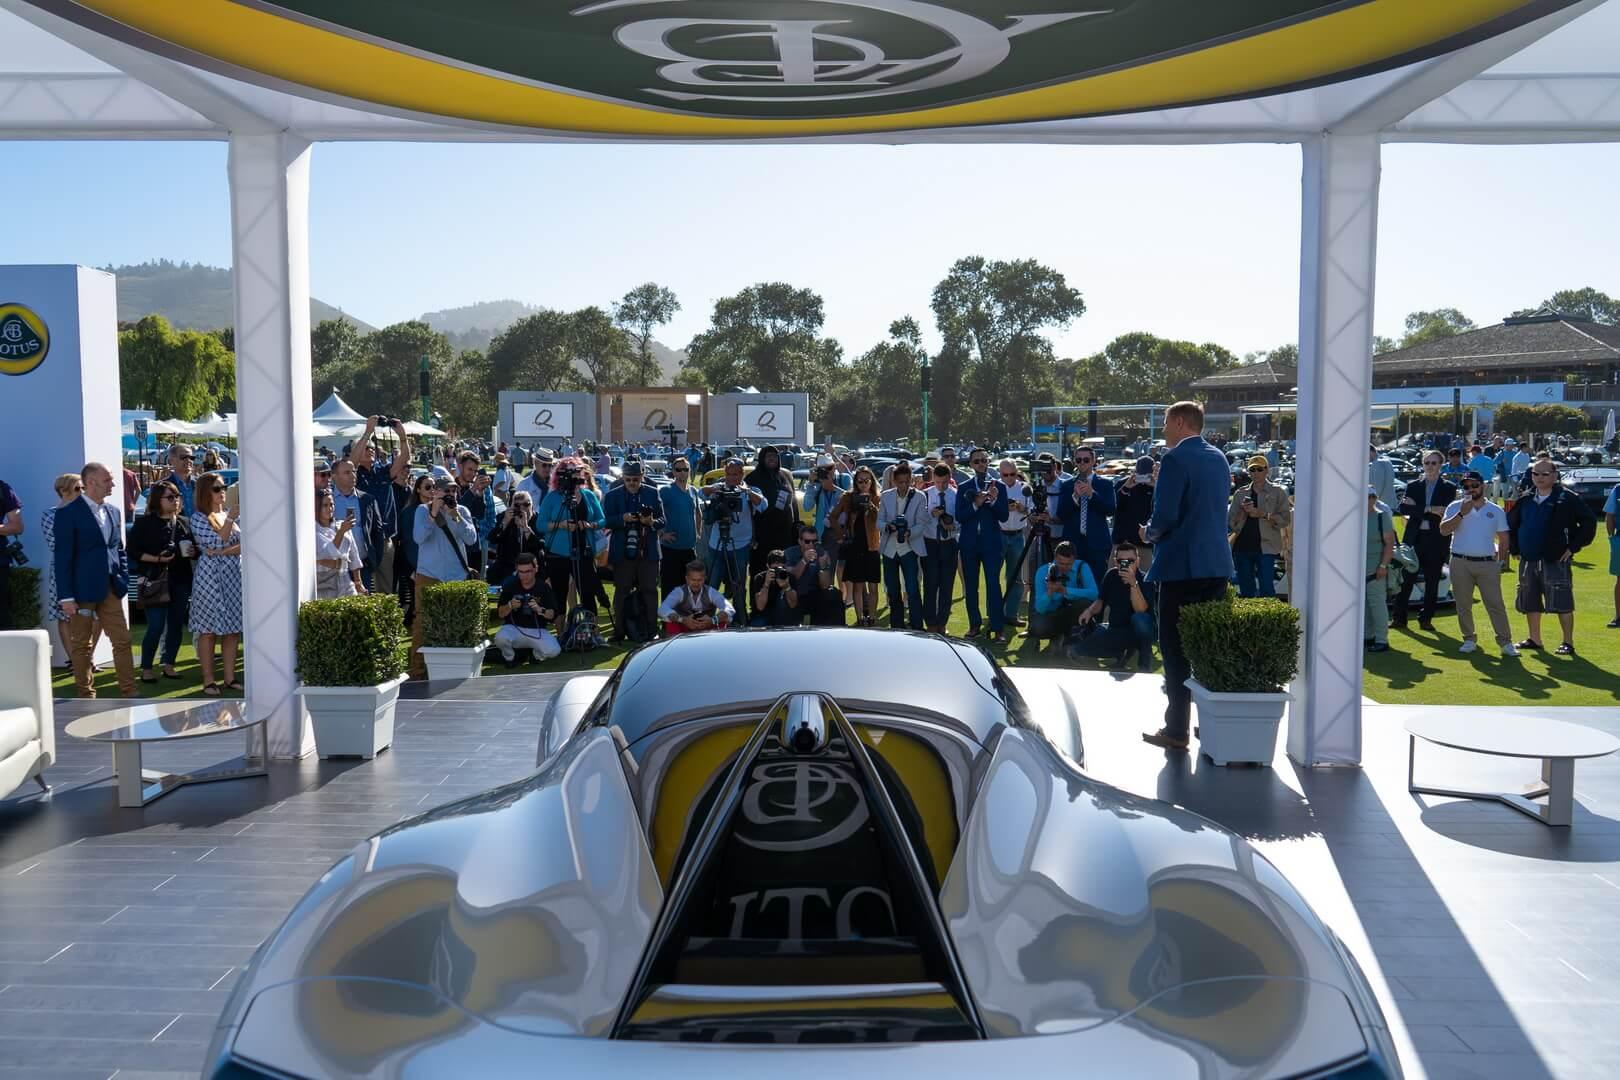 Lotus Evija дебютировал на автомобильной неделе в Монтерее